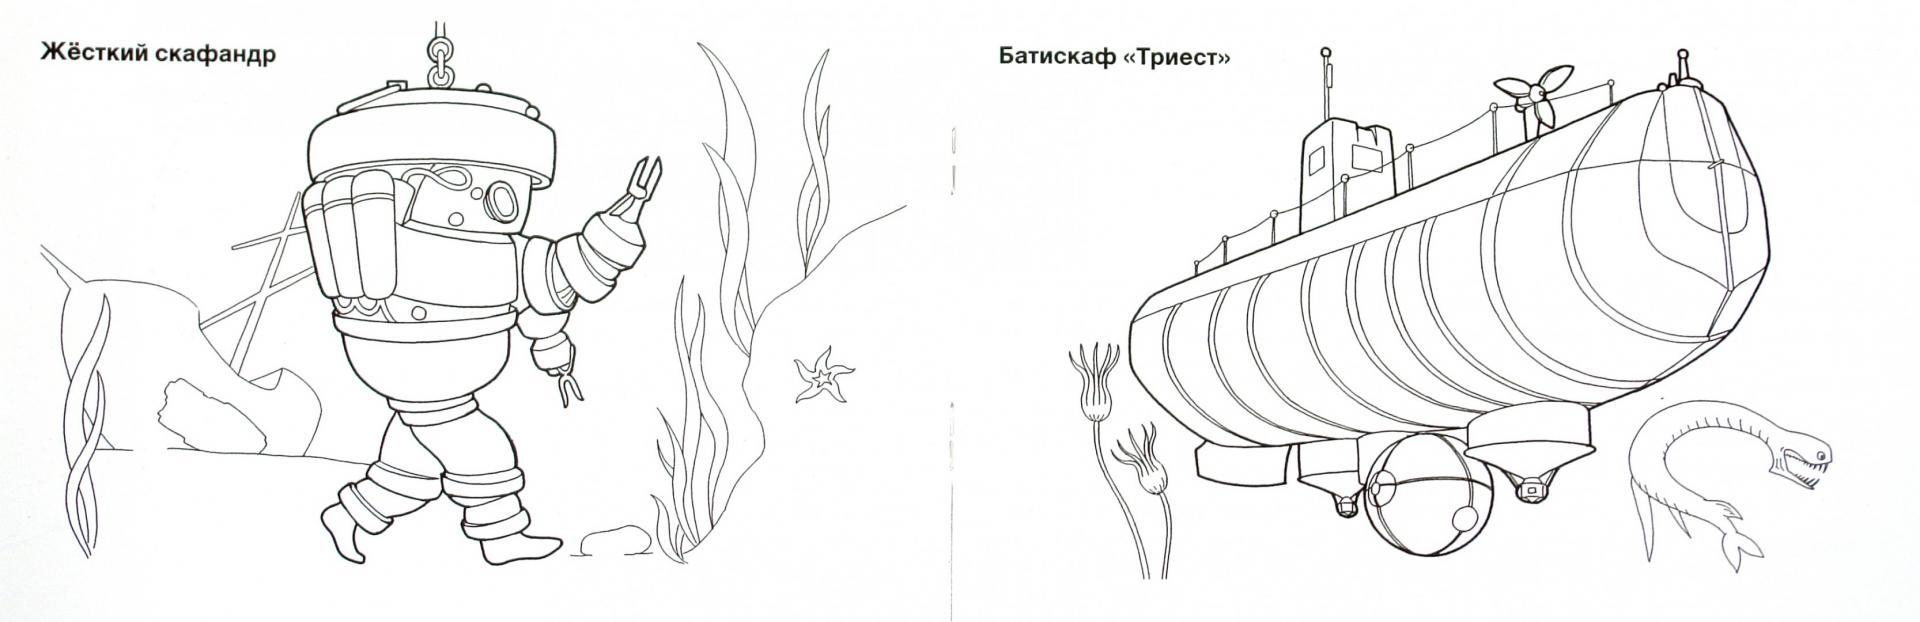 Иллюстрация 1 из 12 для Подводные аппараты | Лабиринт - книги. Источник: Лабиринт